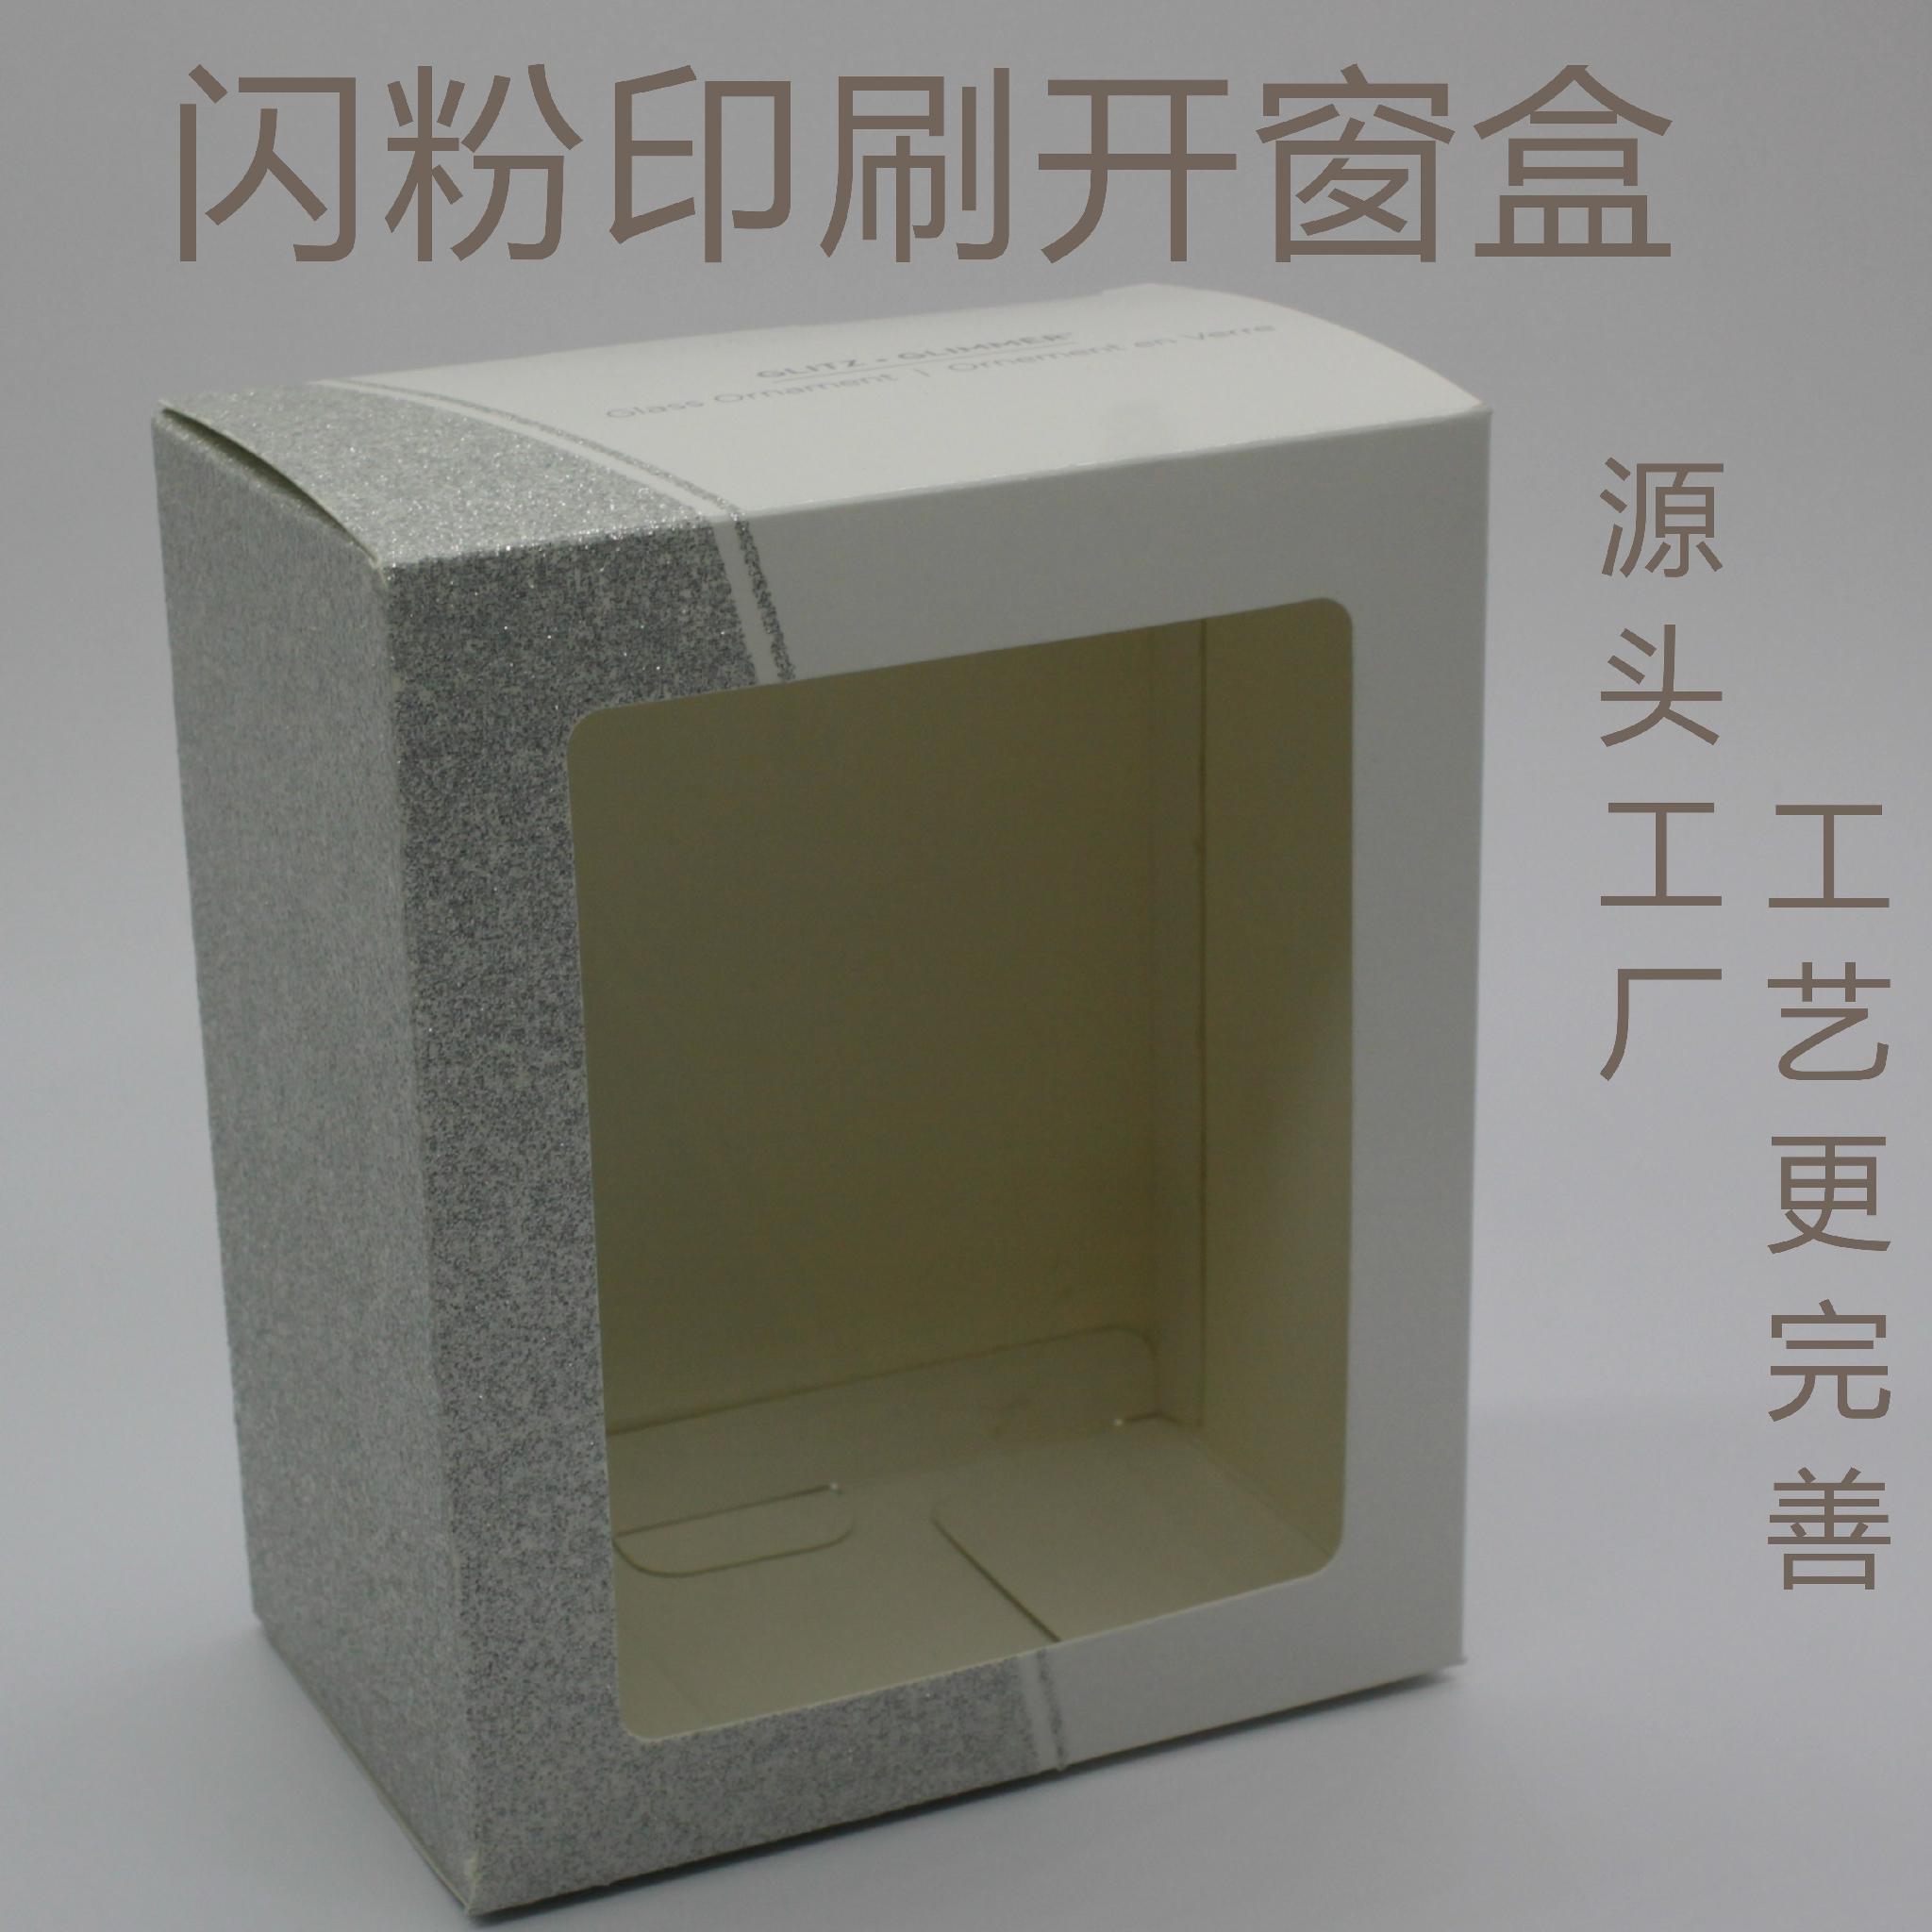 閃粉工藝盒  卡盒  工藝品盒 3